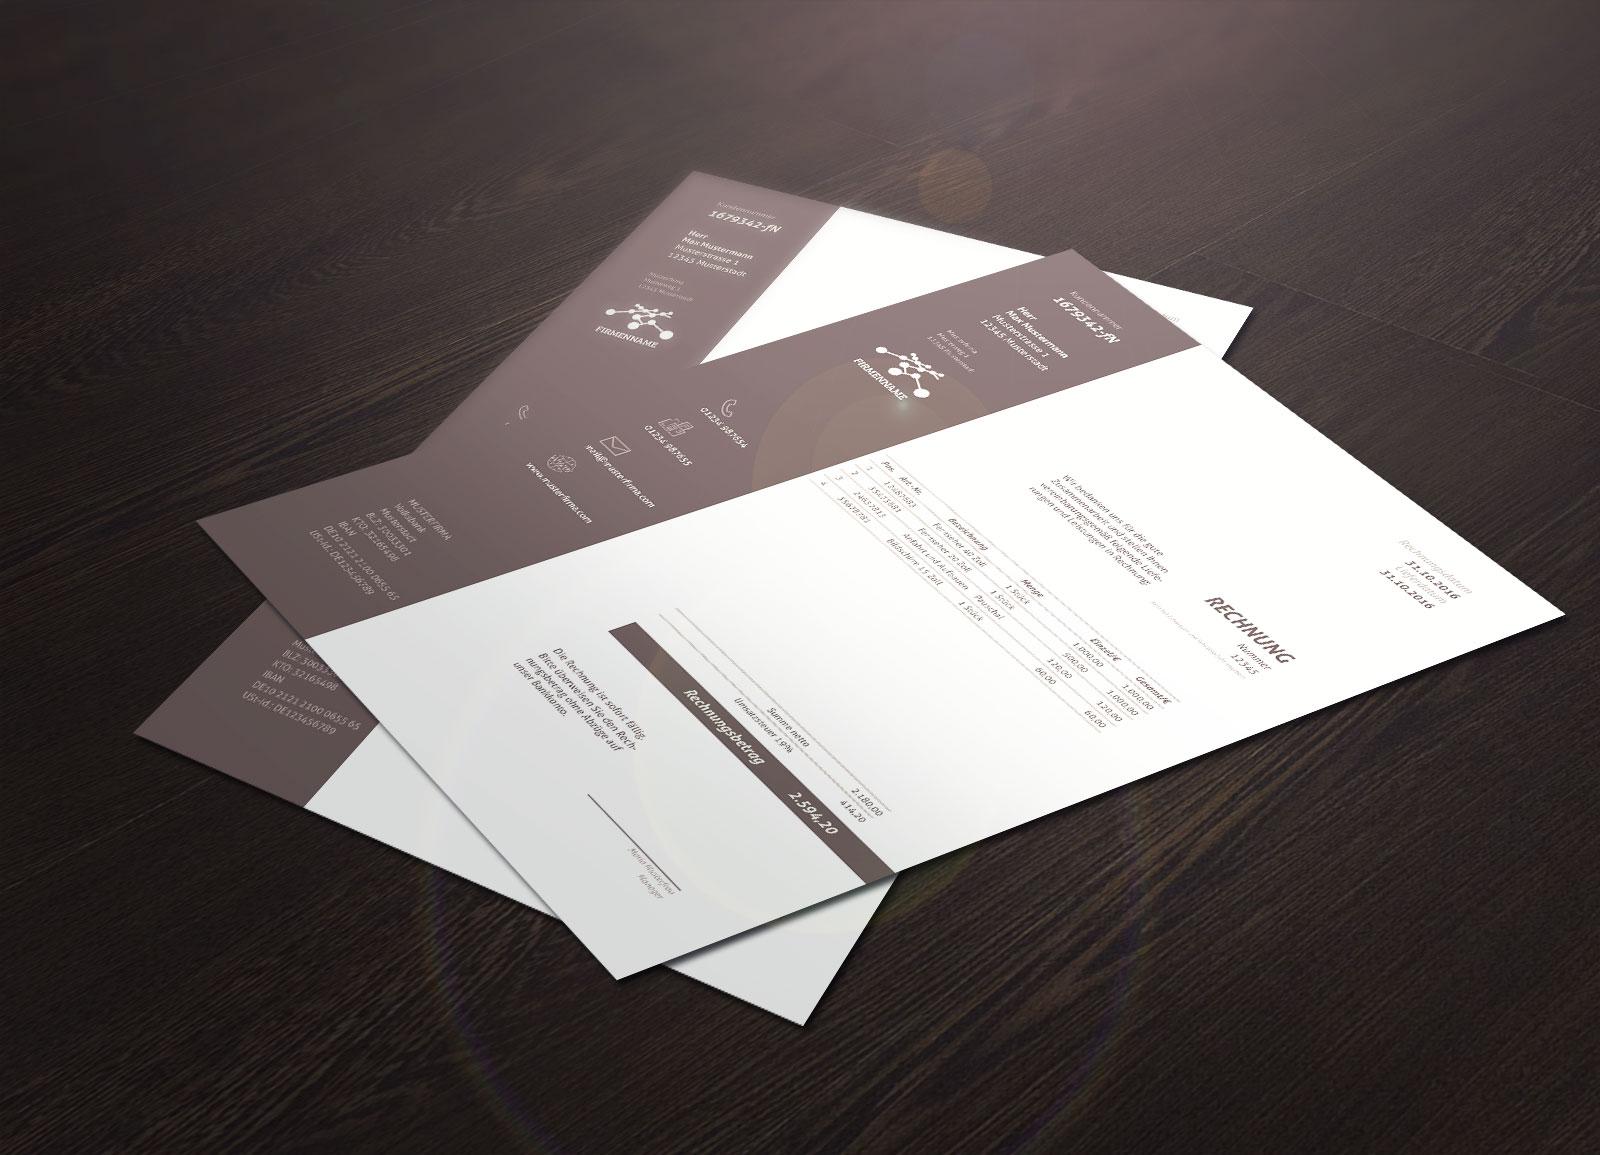 Rechnungsvorlagen – perfekte Muster für Word und InDesign zum Download